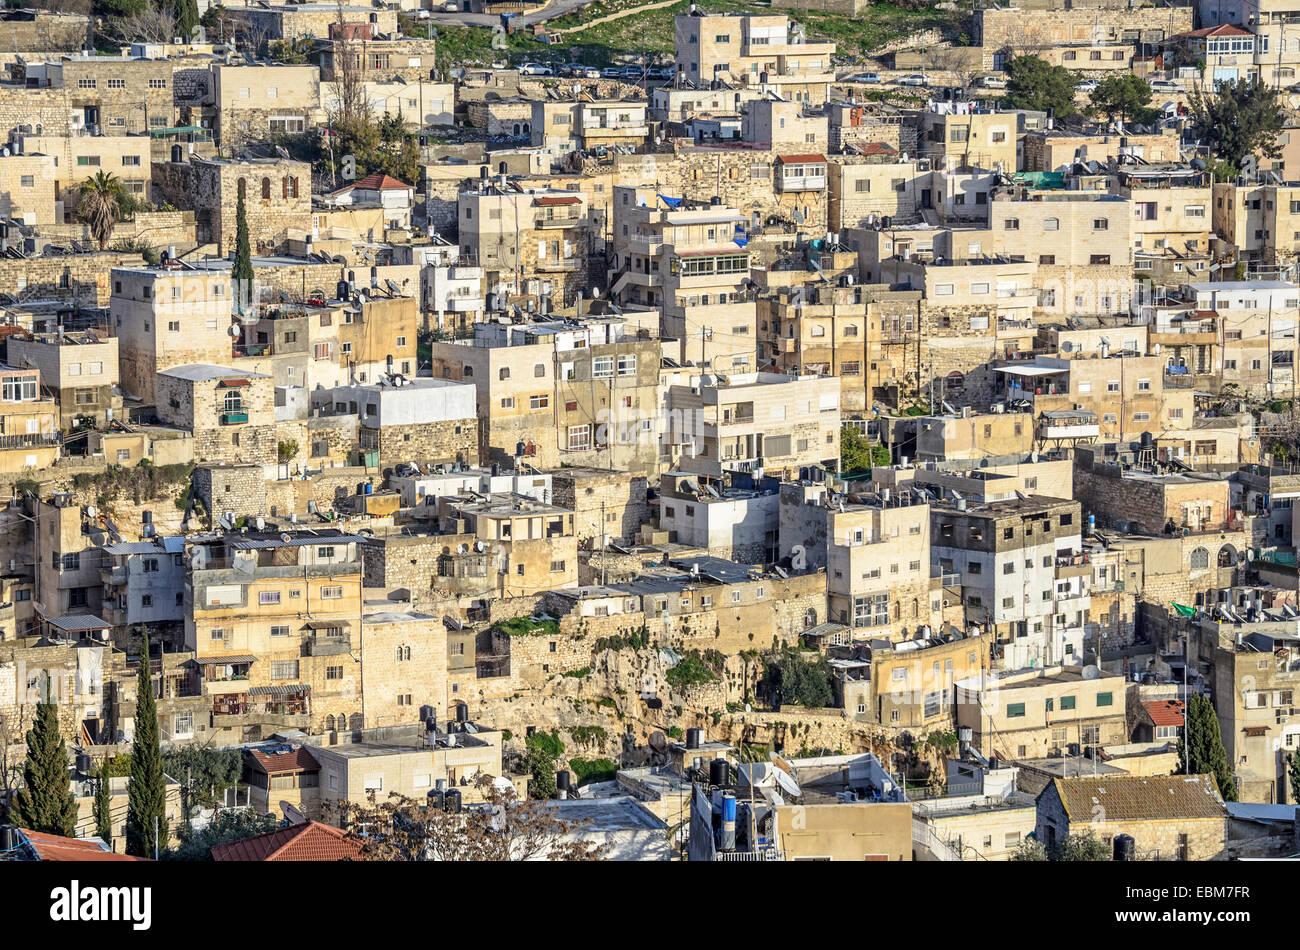 Jerusalén, Israel residencias en las colinas cerca de la ciudad vieja. Imagen De Stock